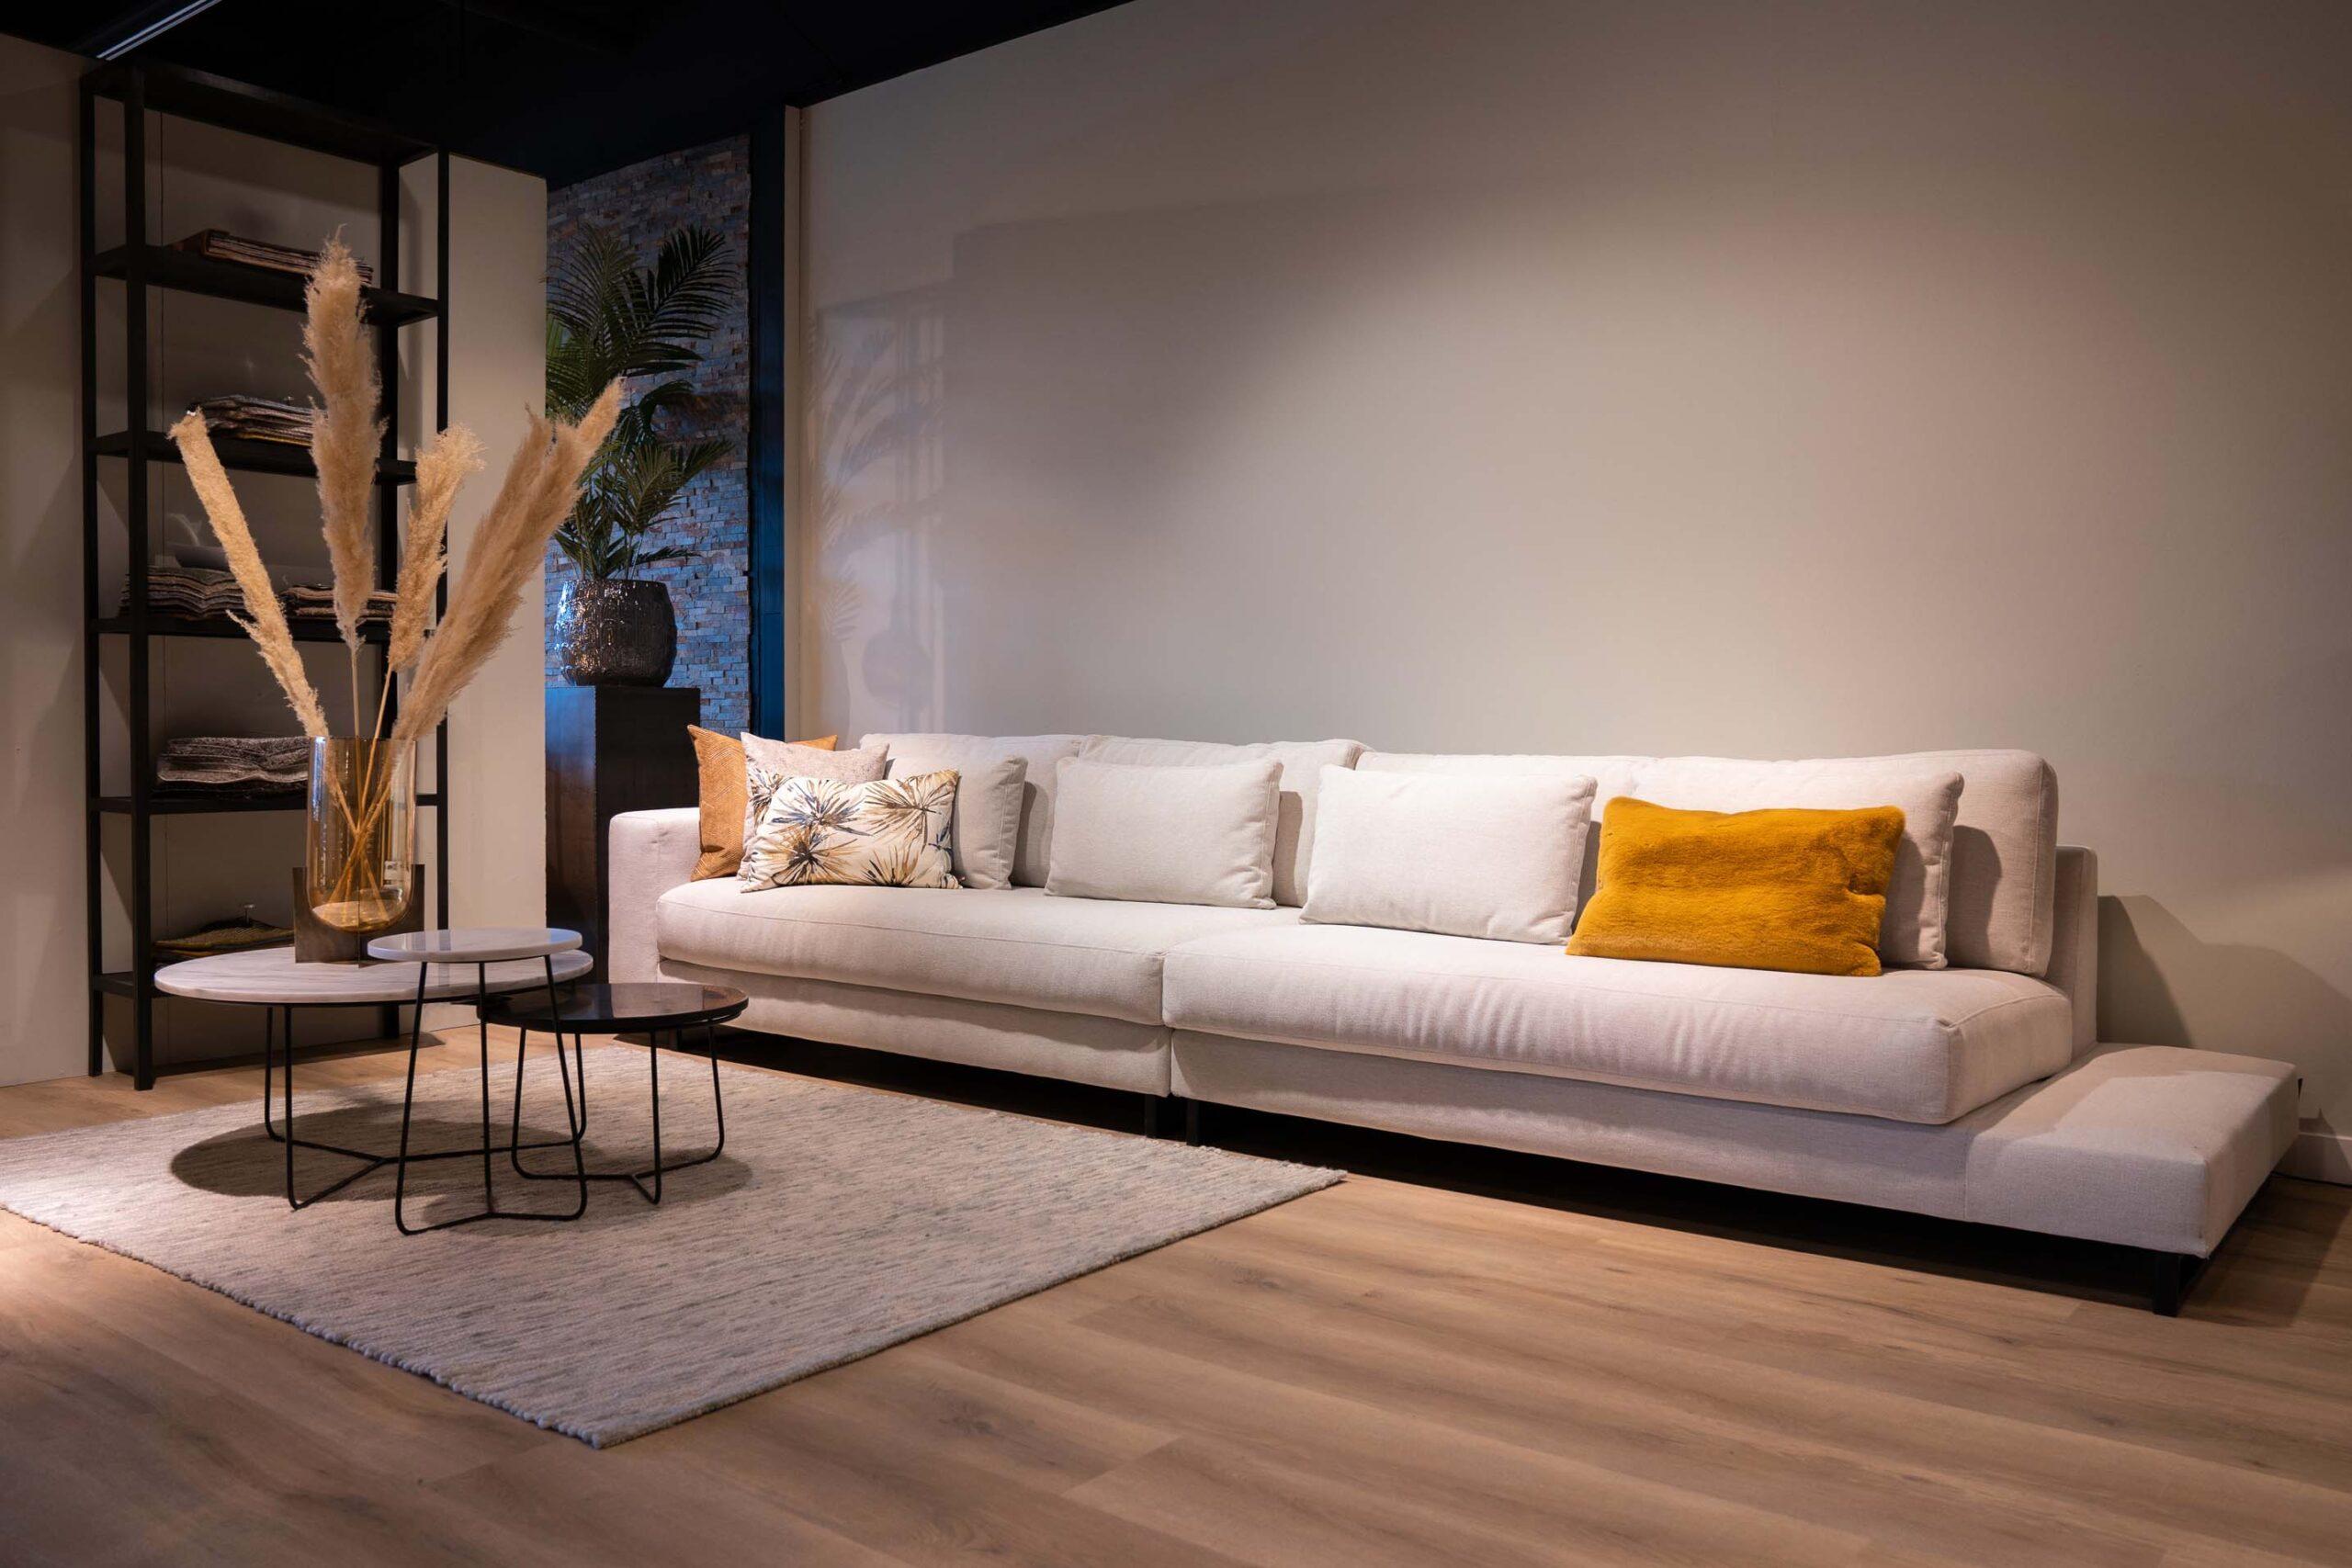 sunny ibiza lange bank van het nieuwe merk soofs interieur